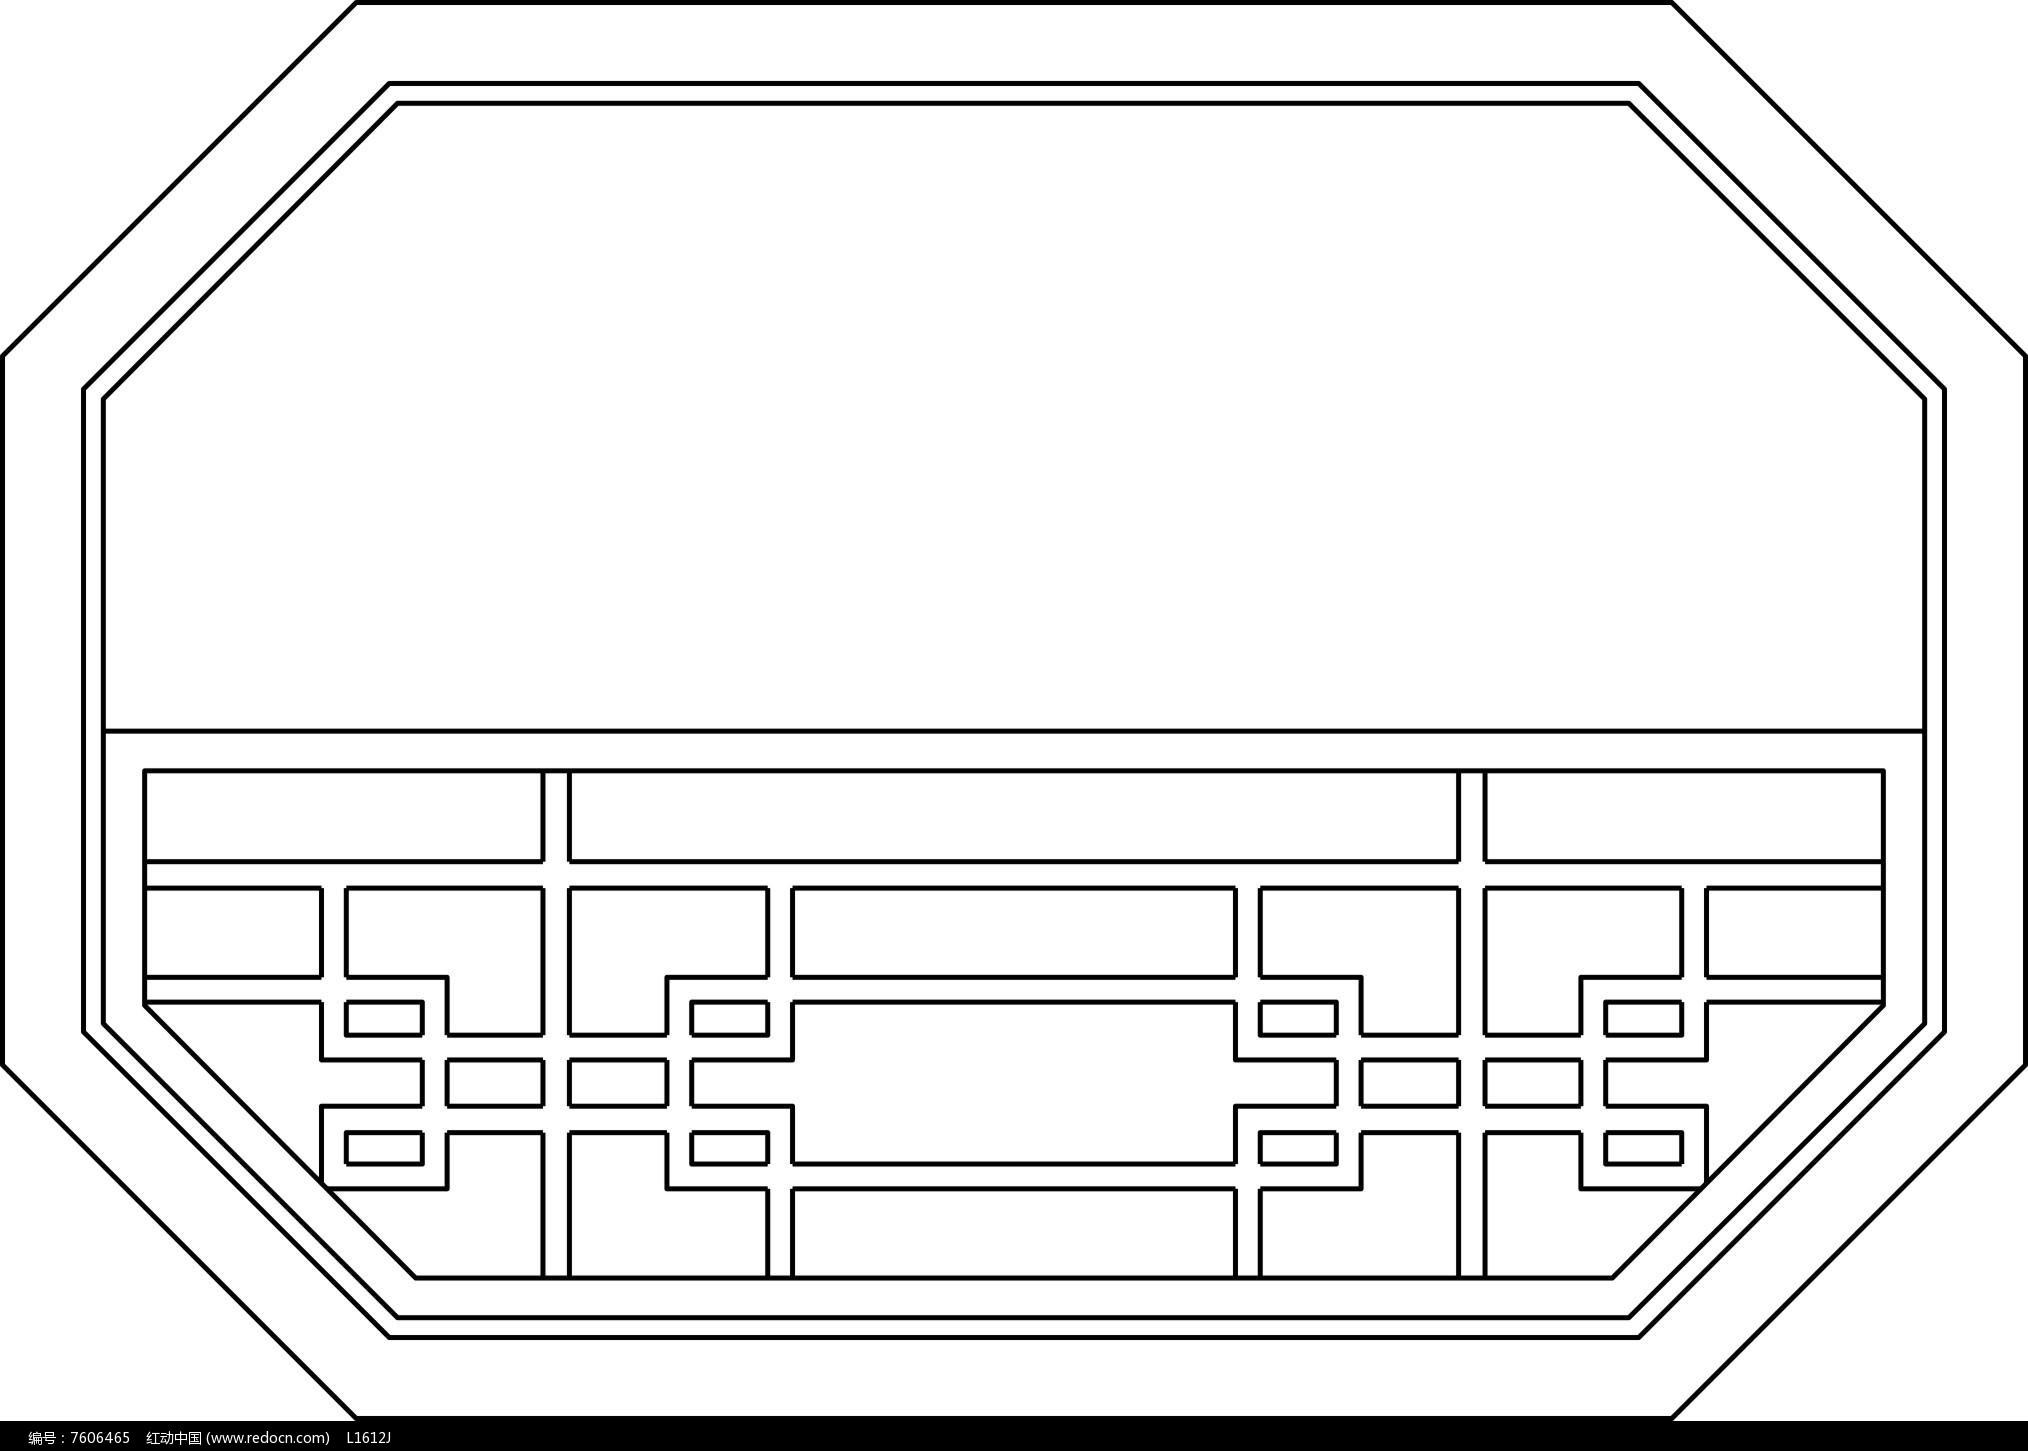 多边形窗框图案素材下载_建筑套图设计图片_编号